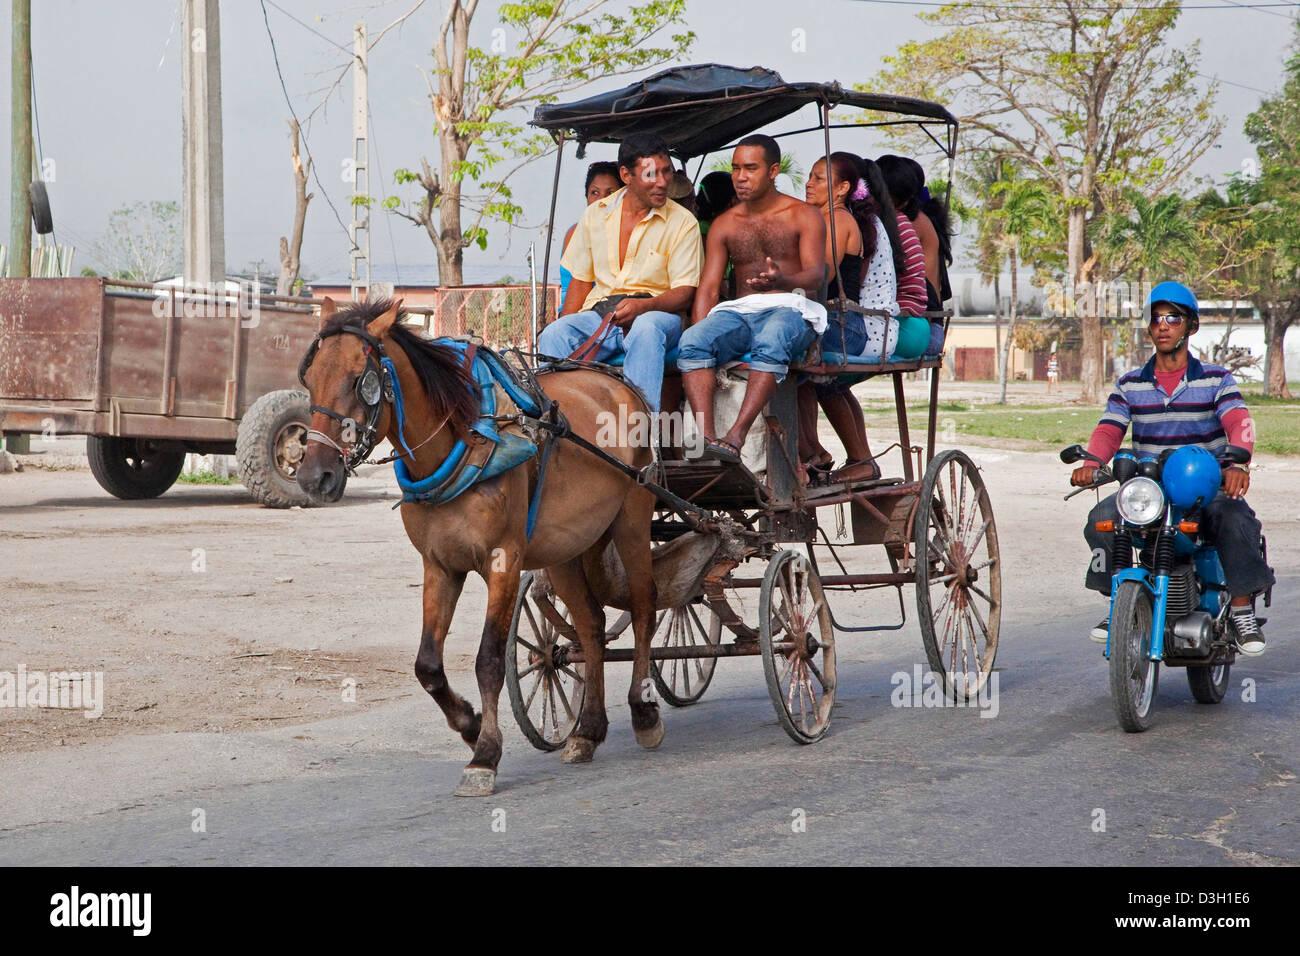 Öffentliche Verkehrsmittel mit Pferd und Wagen in Straße, Granma, Kuba, Karibik Stockbild